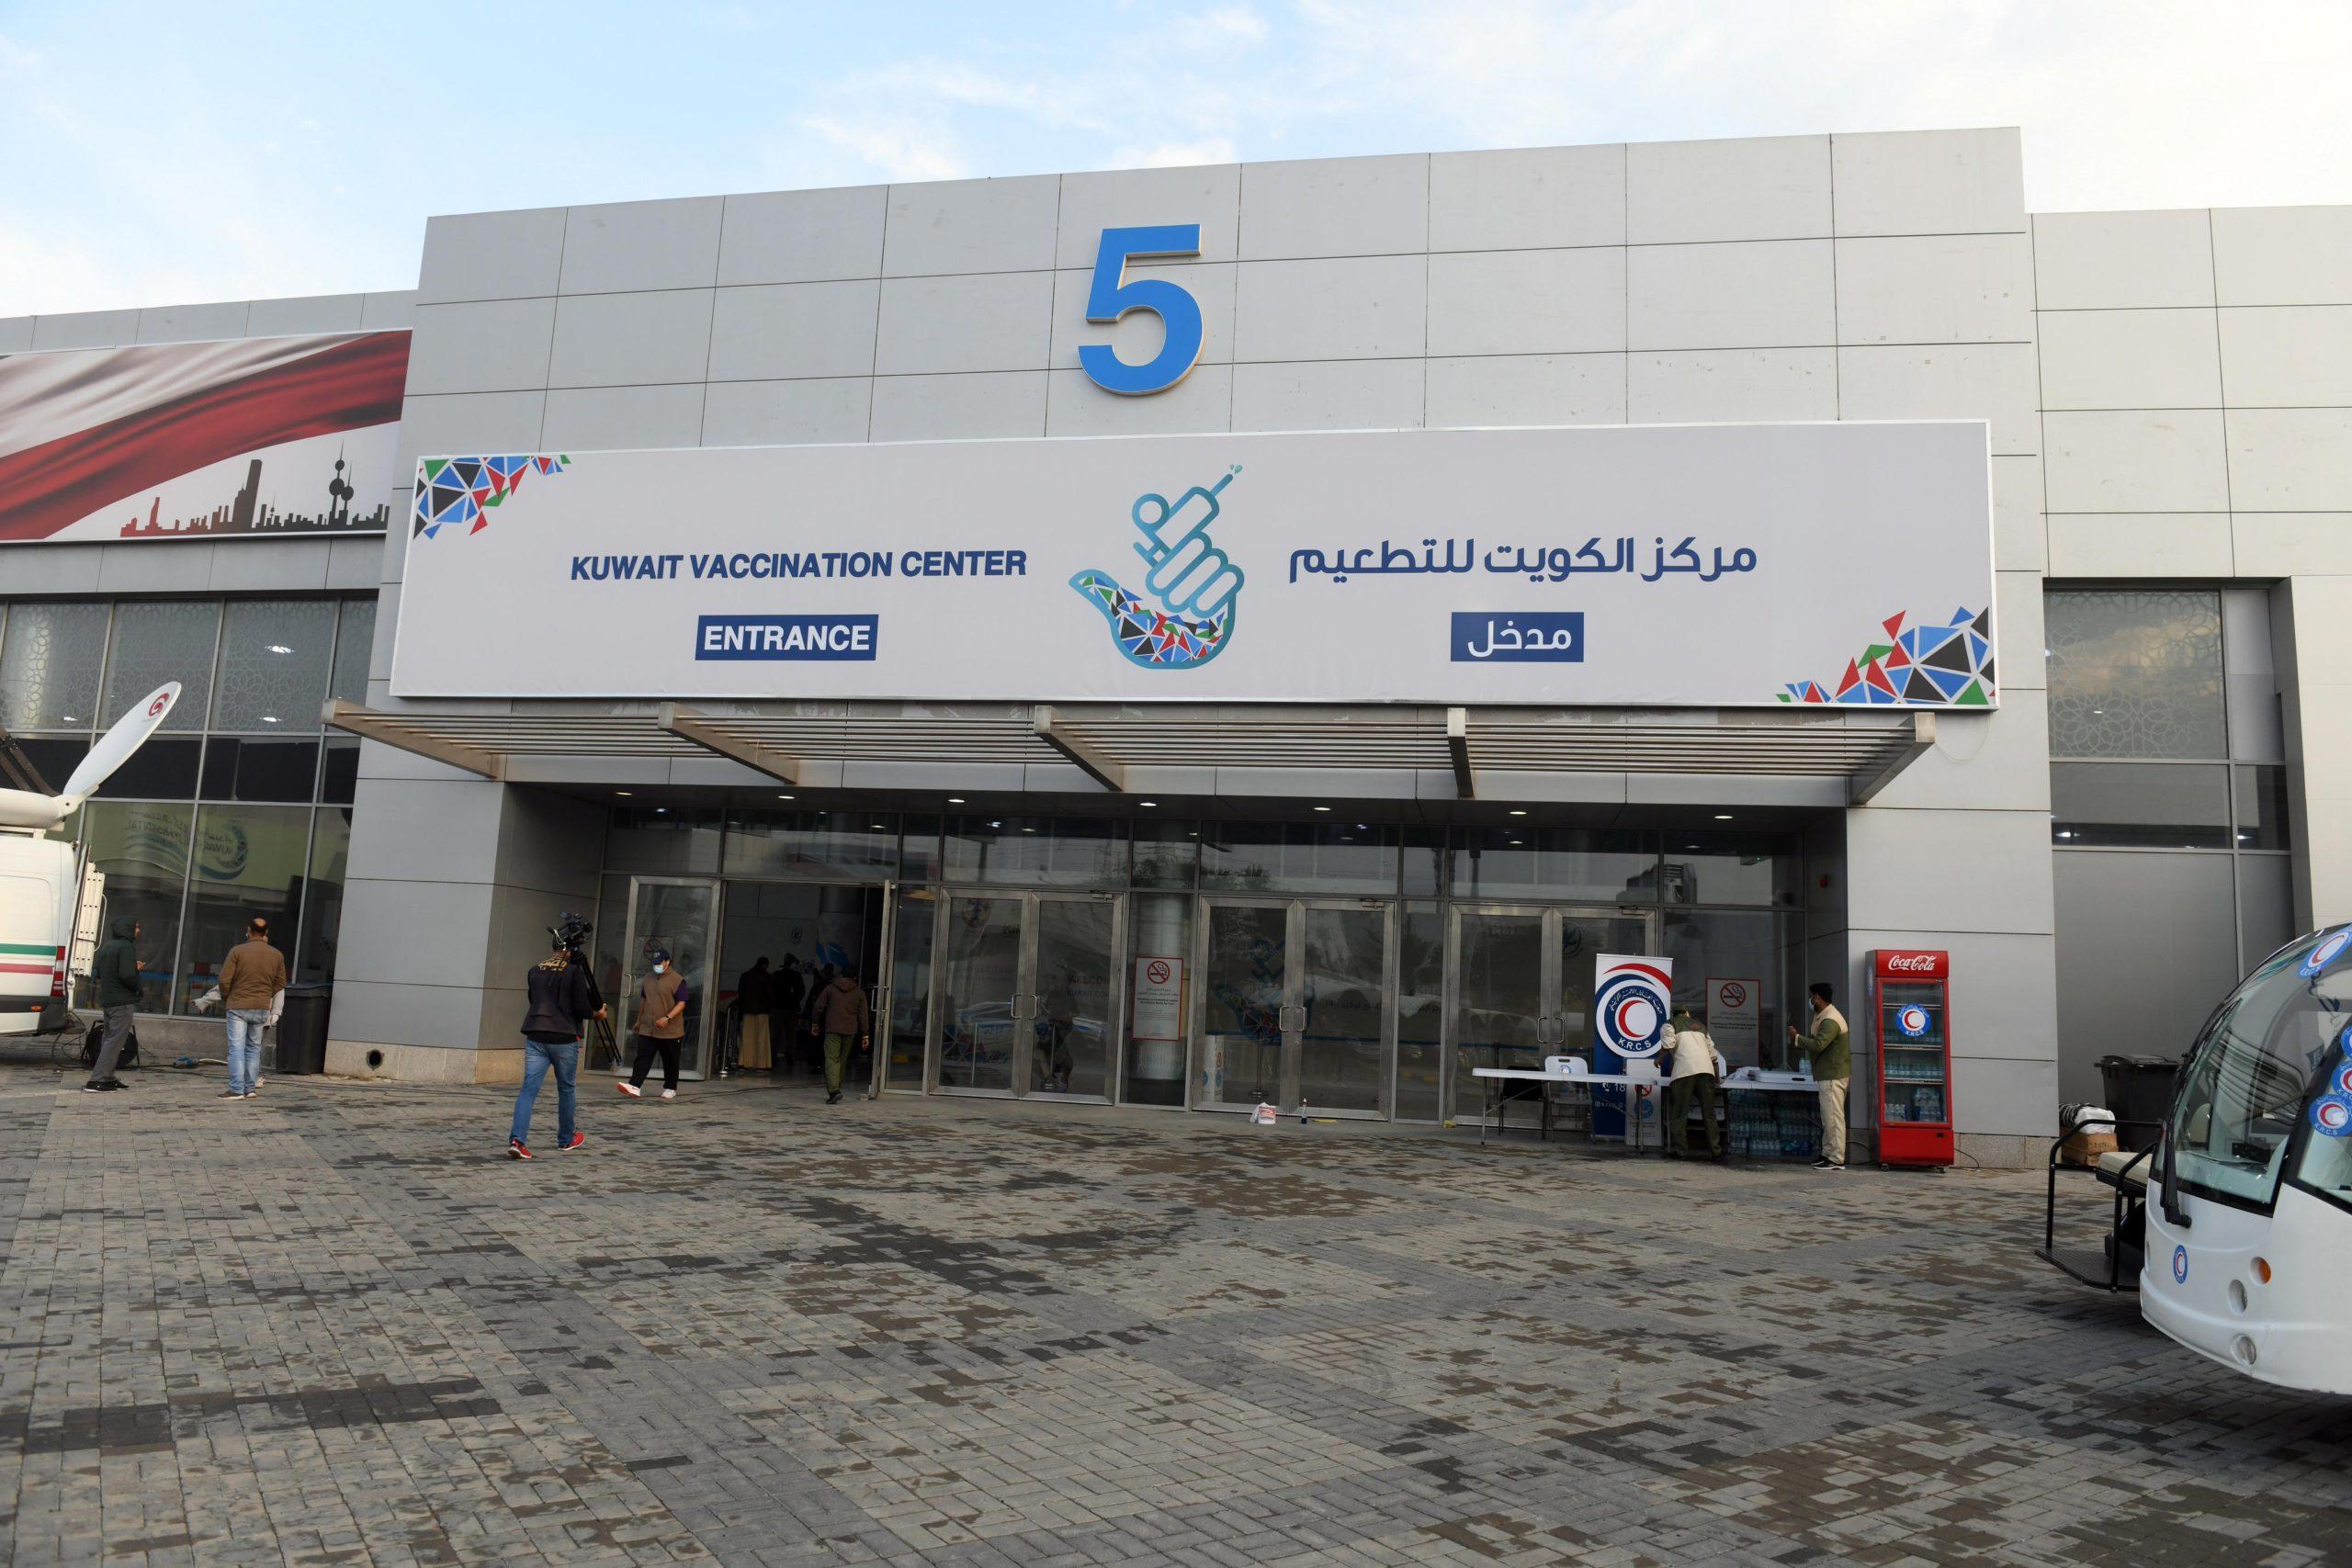 Kuwait Vaccination center